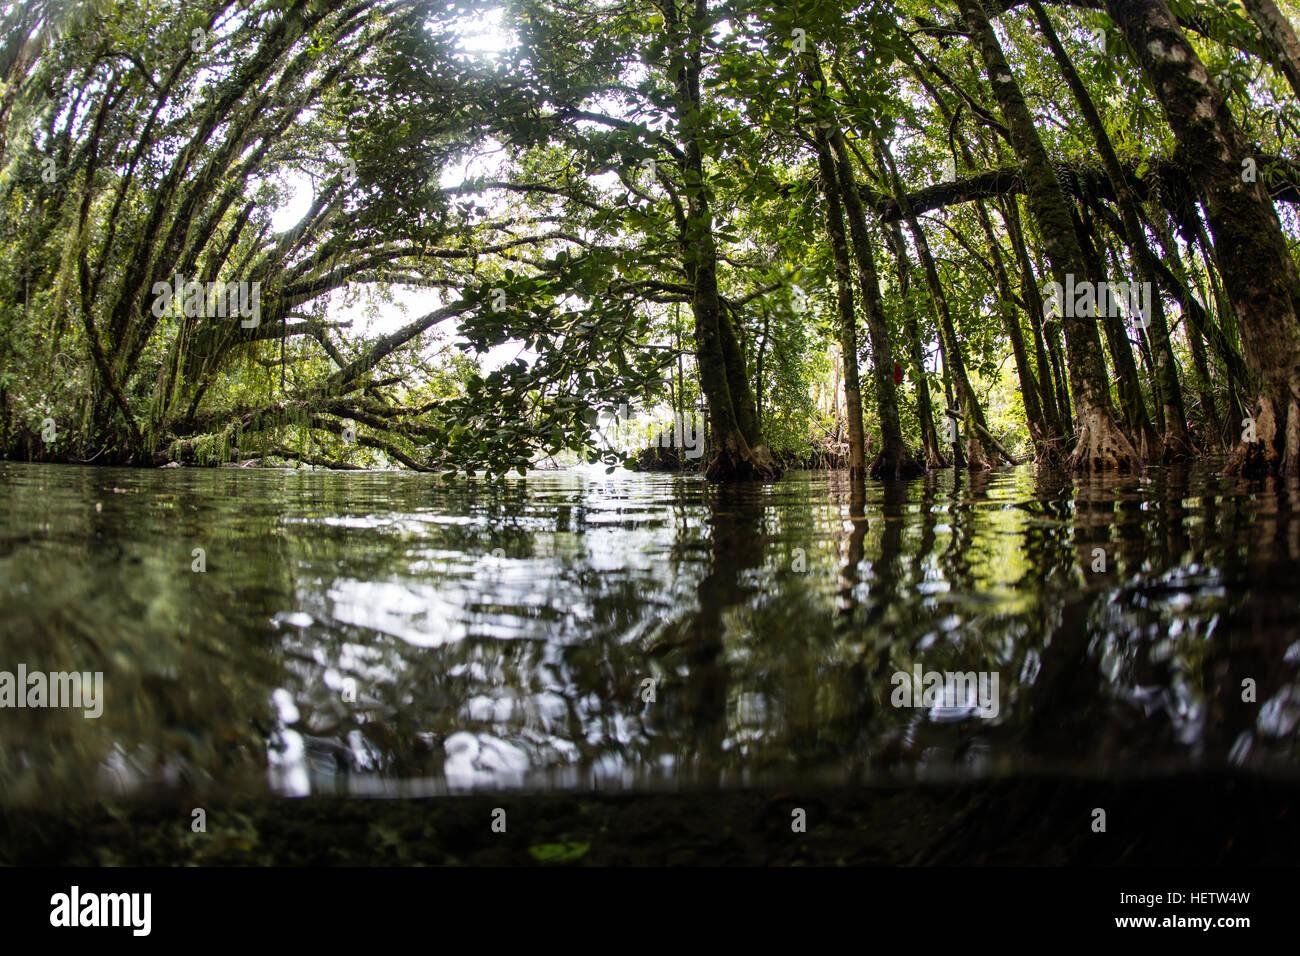 En las Islas Salomón una densa y hermosa jungla, creciendo en el borde de una remota isla, domina las aguas Imagen De Stock